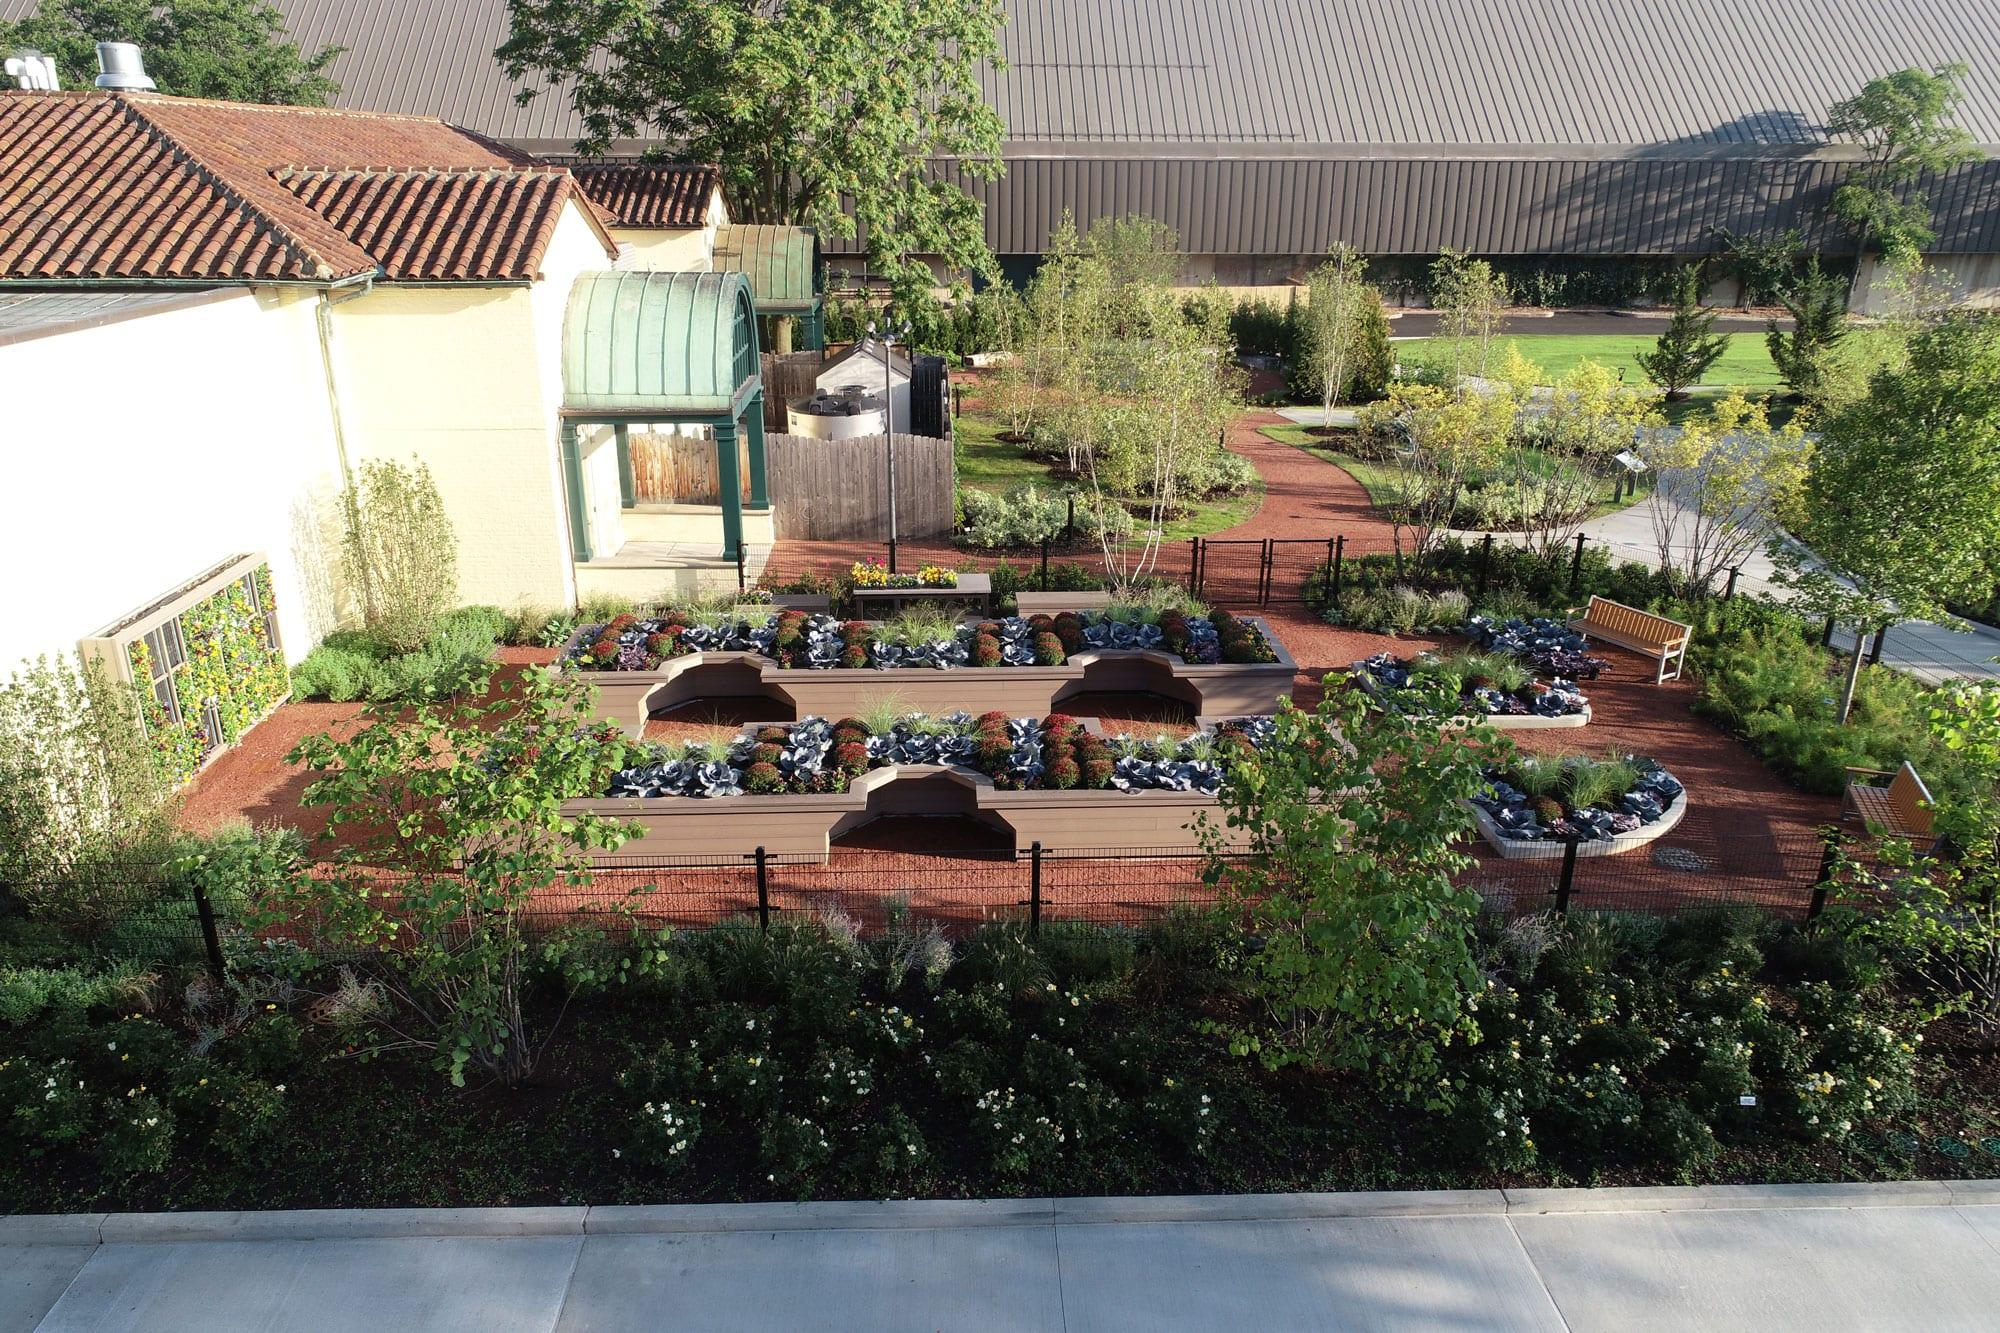 hamill-family-nature-plaza-0750